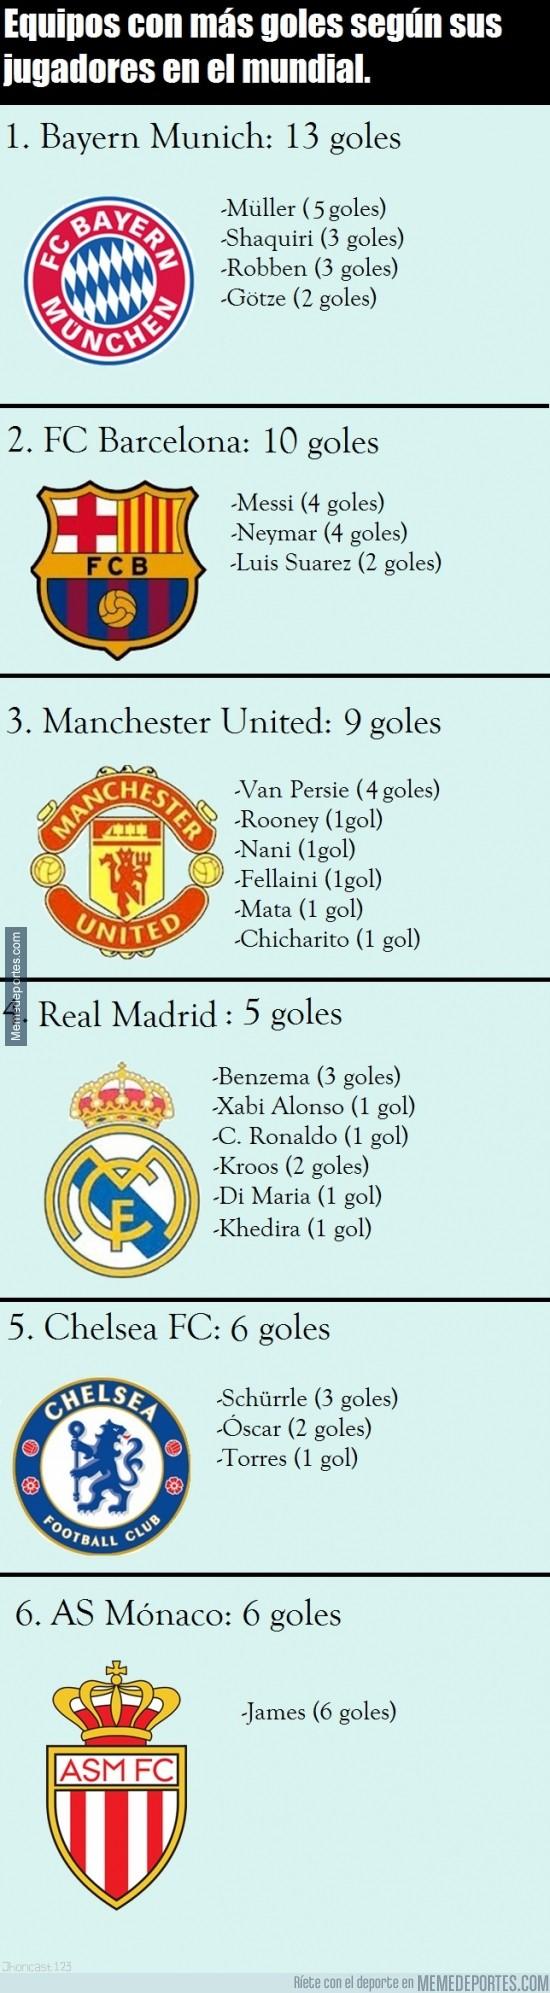 363196 - Equipos con más goles en el mundial según sus jugadores